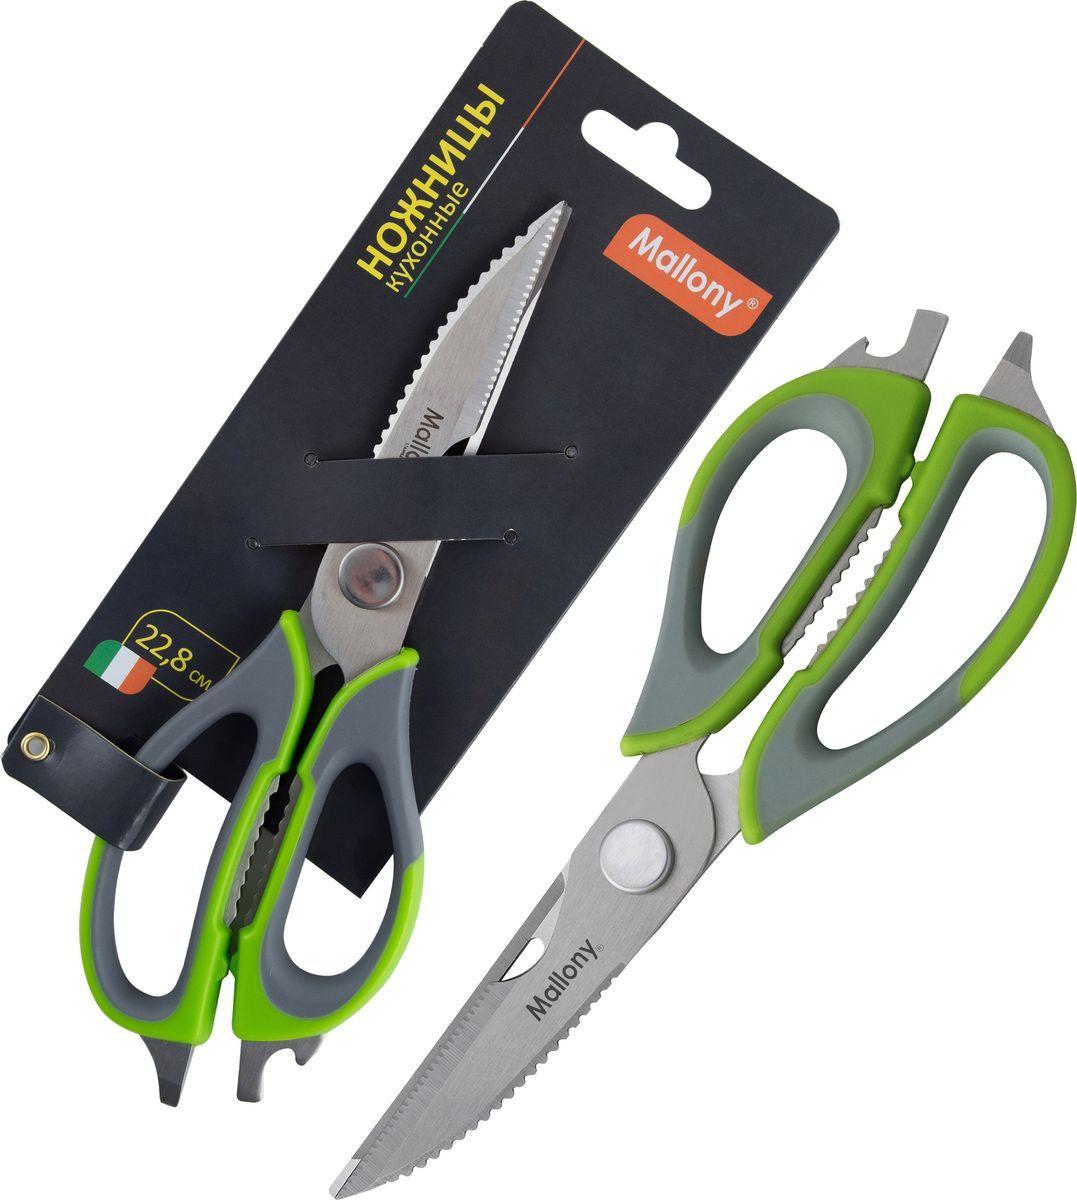 Ножницы кухонные Mallony KS-128, 920103, 22,8 см